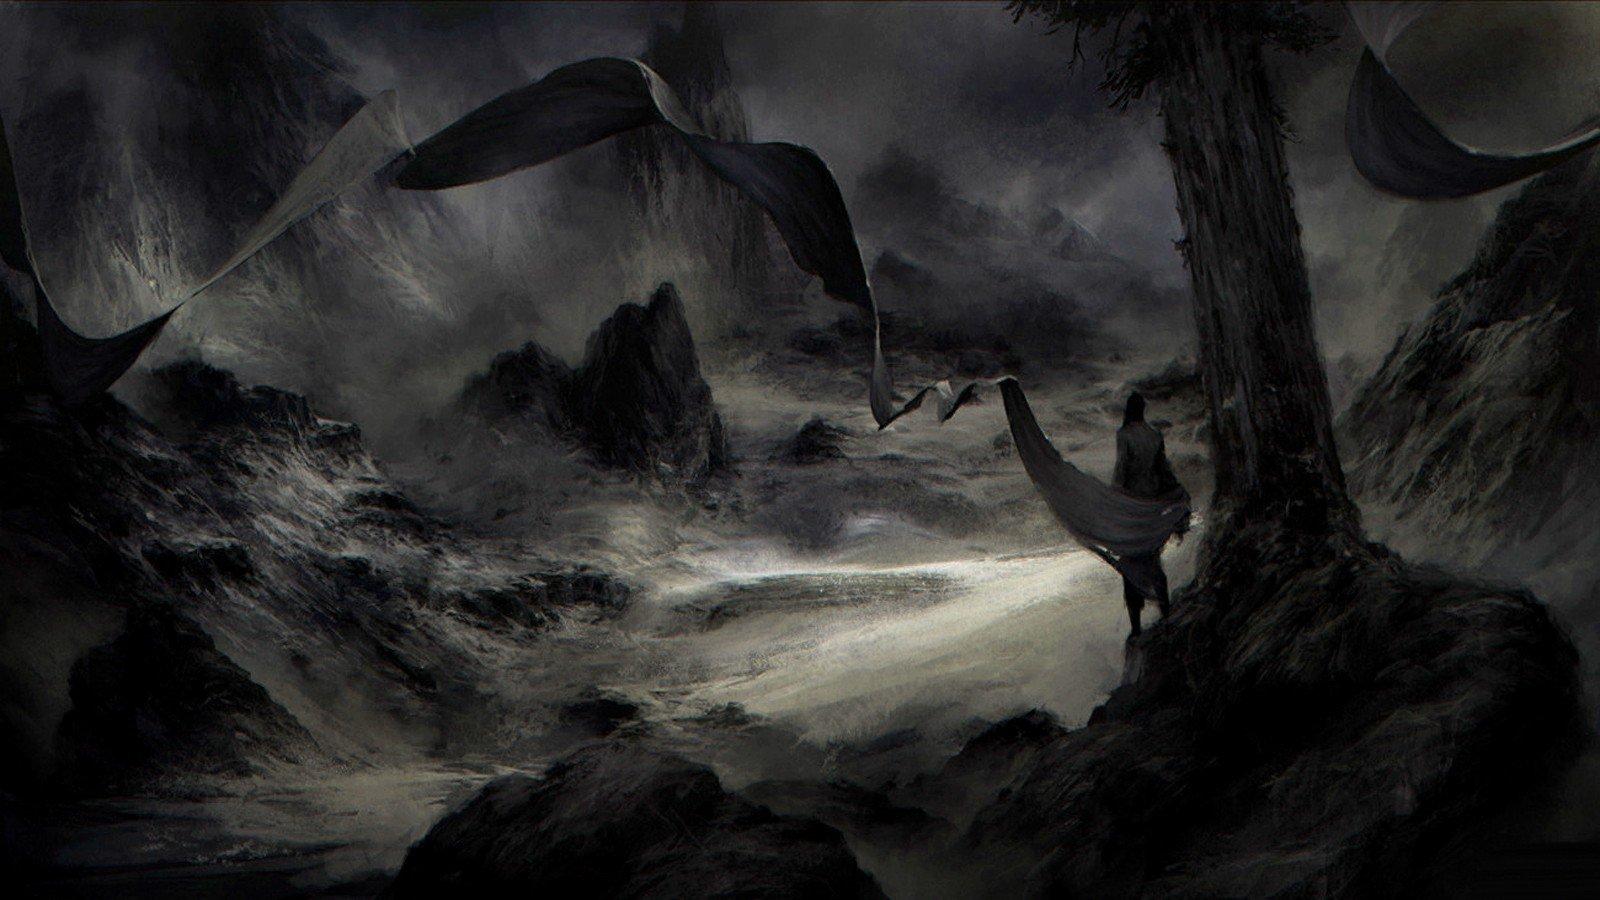 Black Dark Fantasy Art Wallpaper